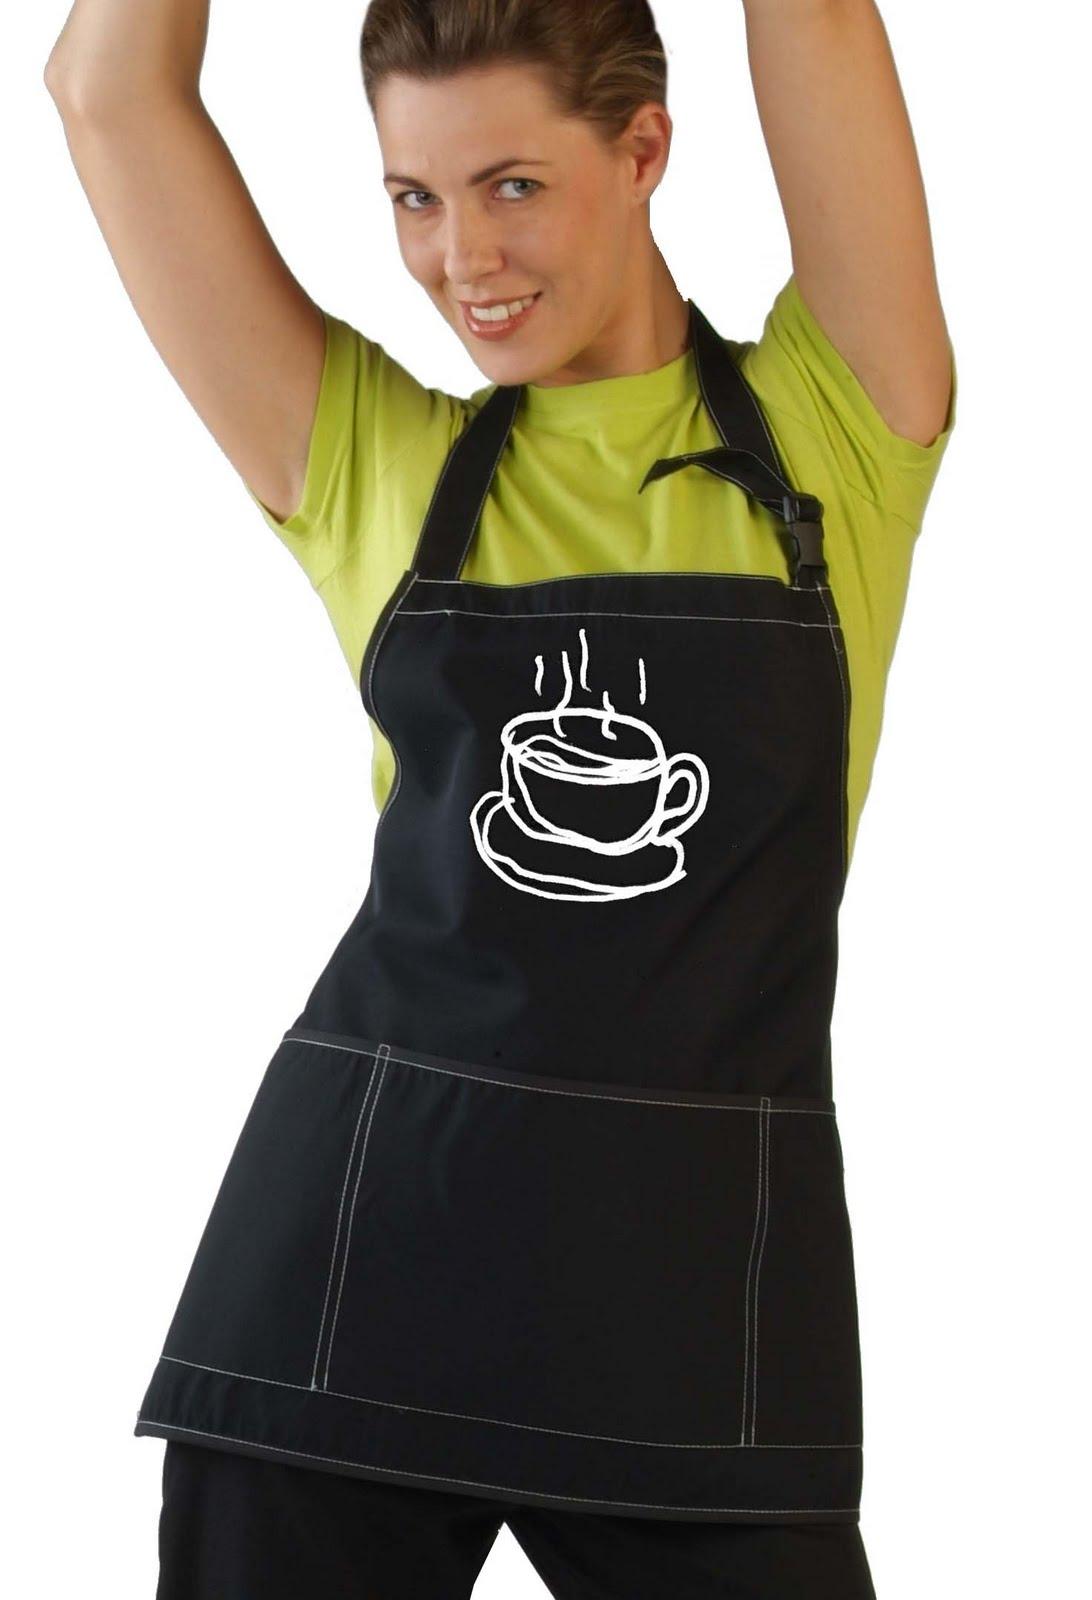 Delantales personalizados para cafeterias - Ropa de hosteleria barcelona ...